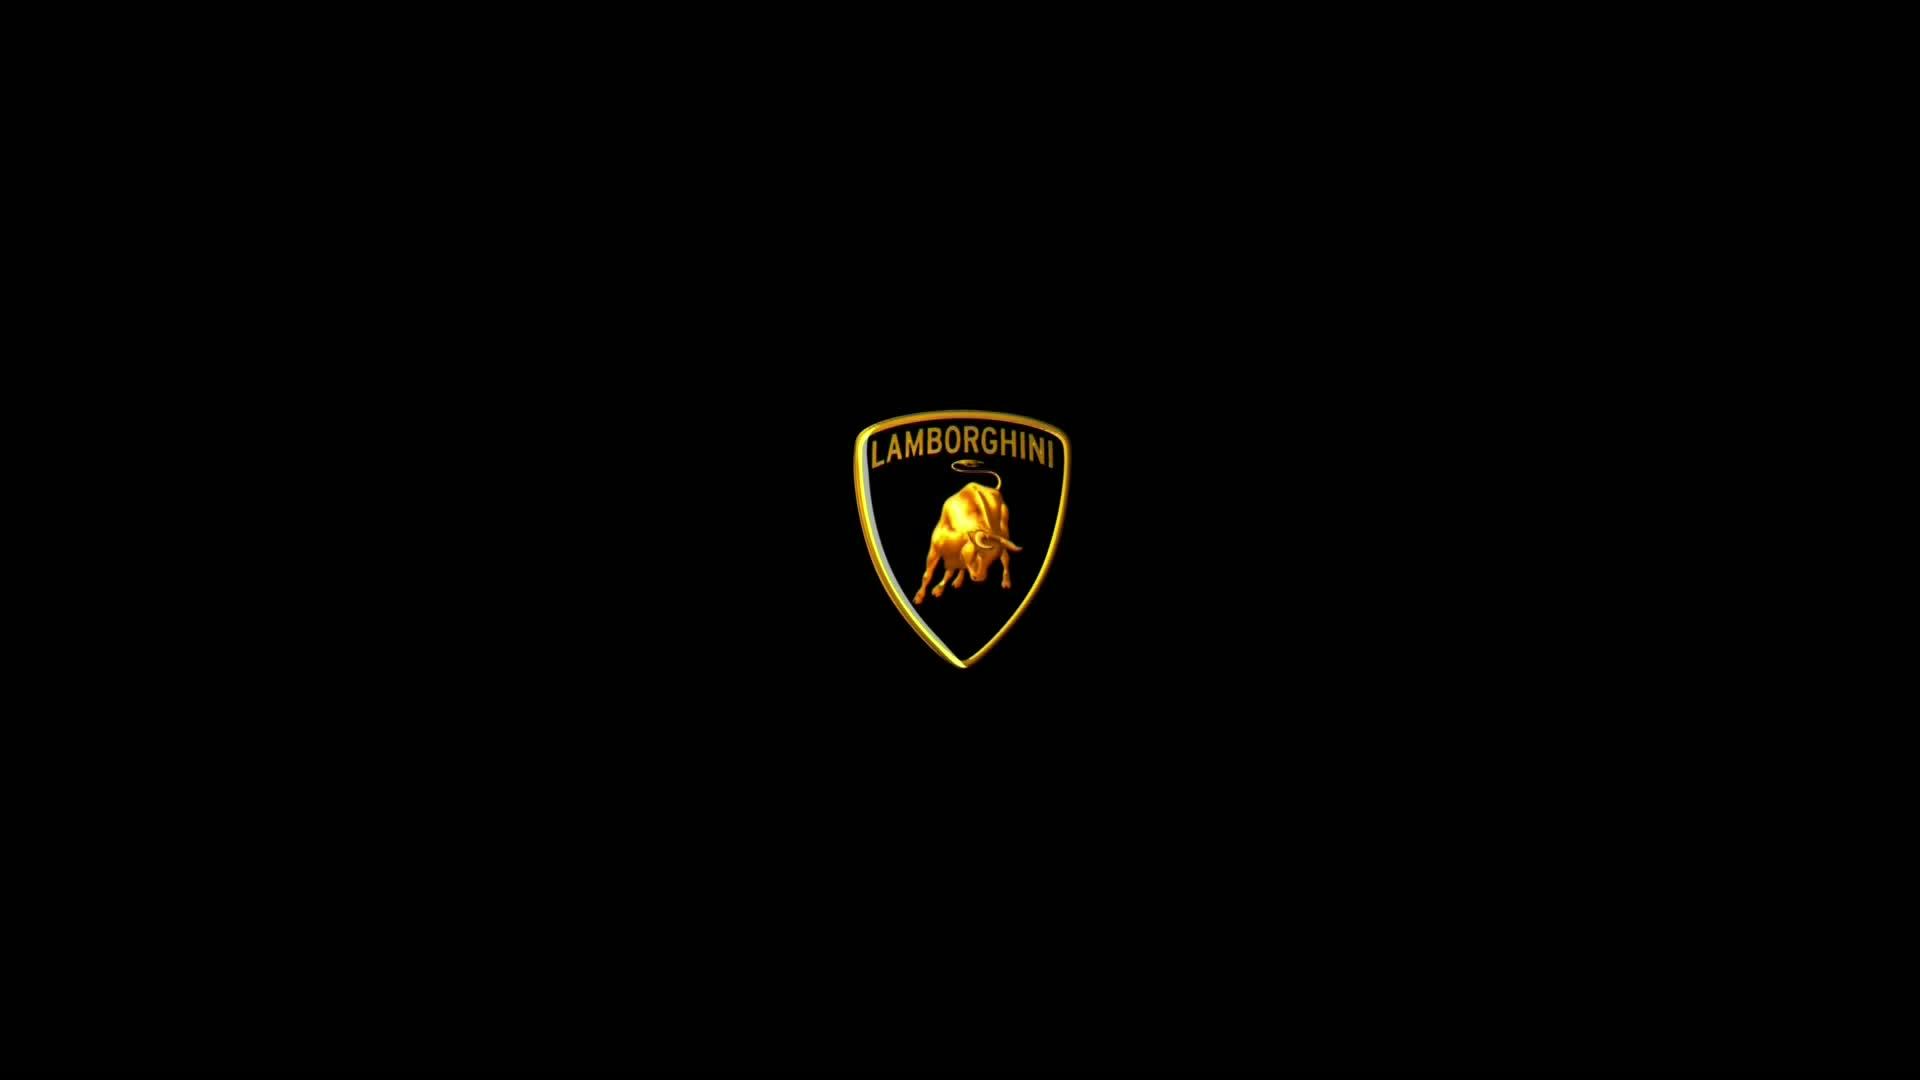 Free wallpapers logos wallpaper cave - Lamborghini symbol wallpaper ...